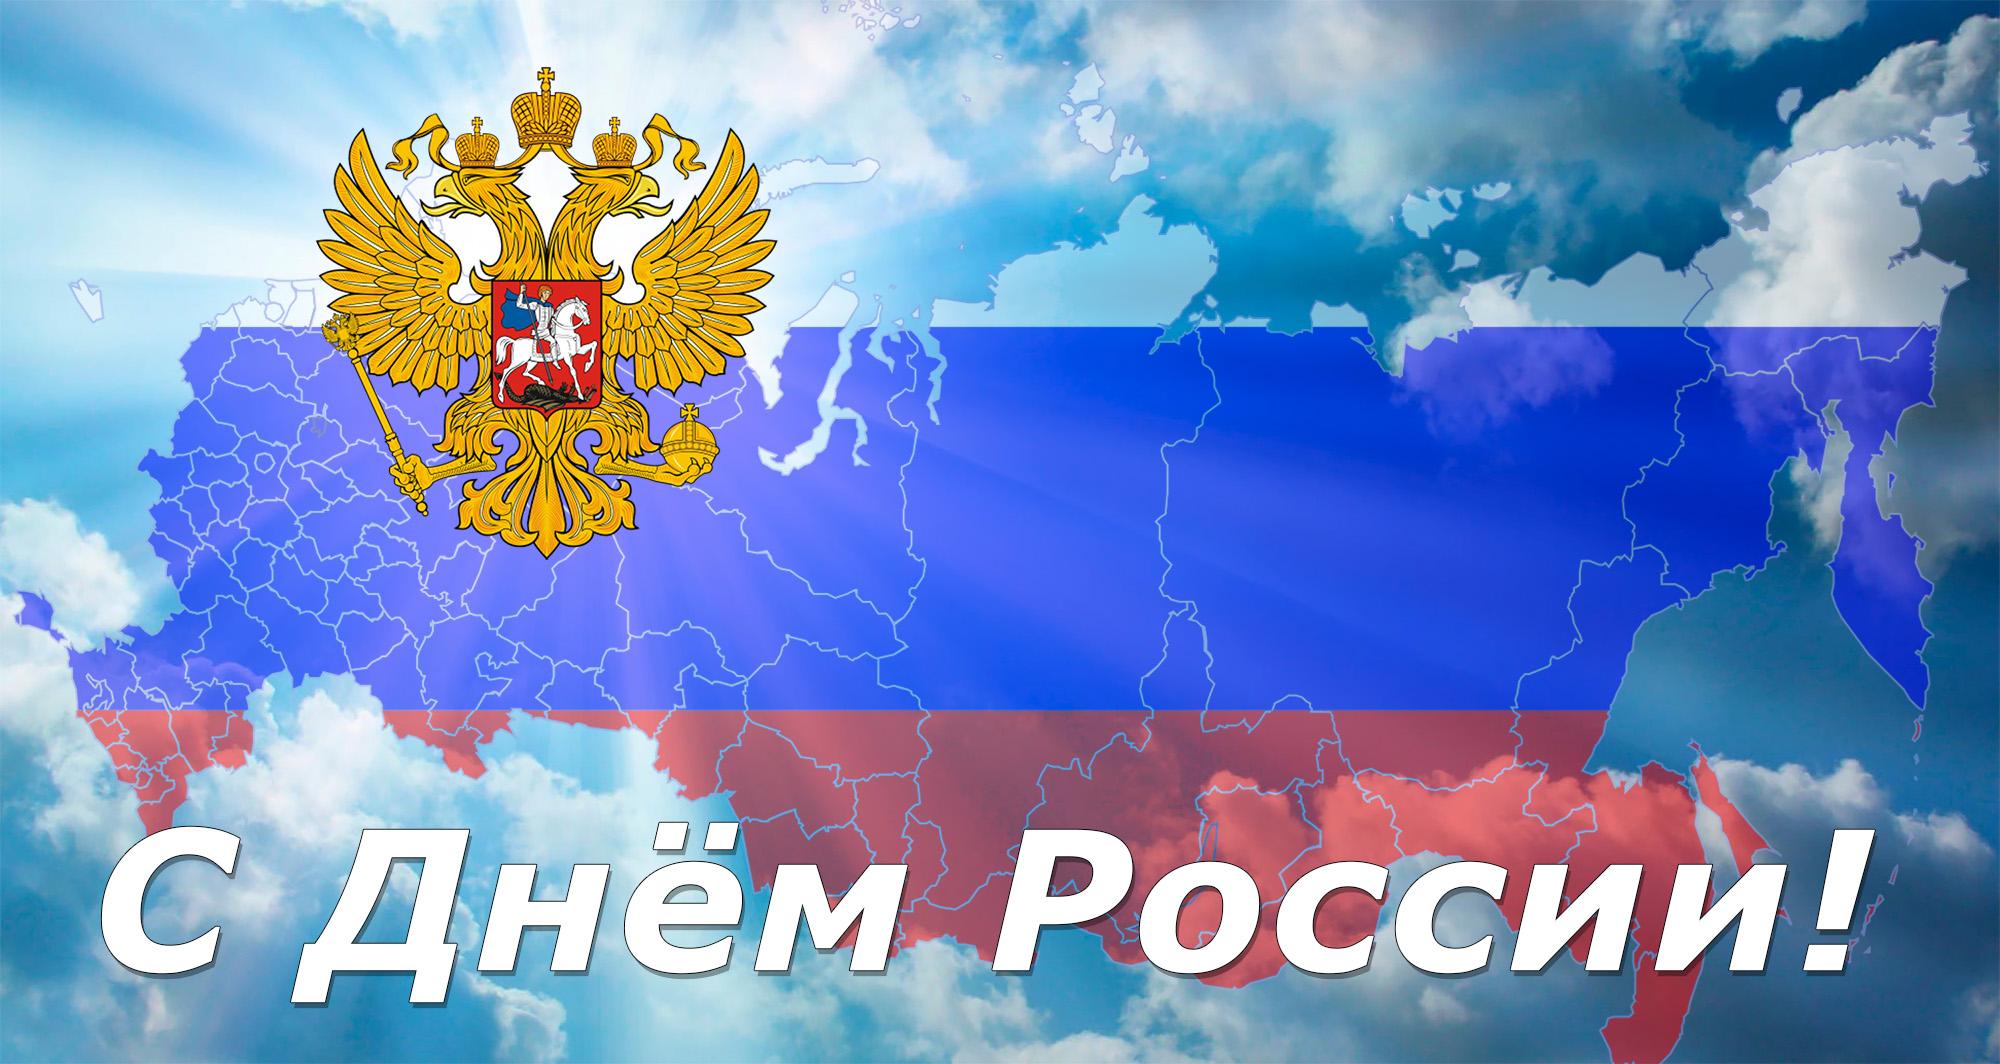 Главы Республик Донбасса поздравили жителей  и россиян с Днем России